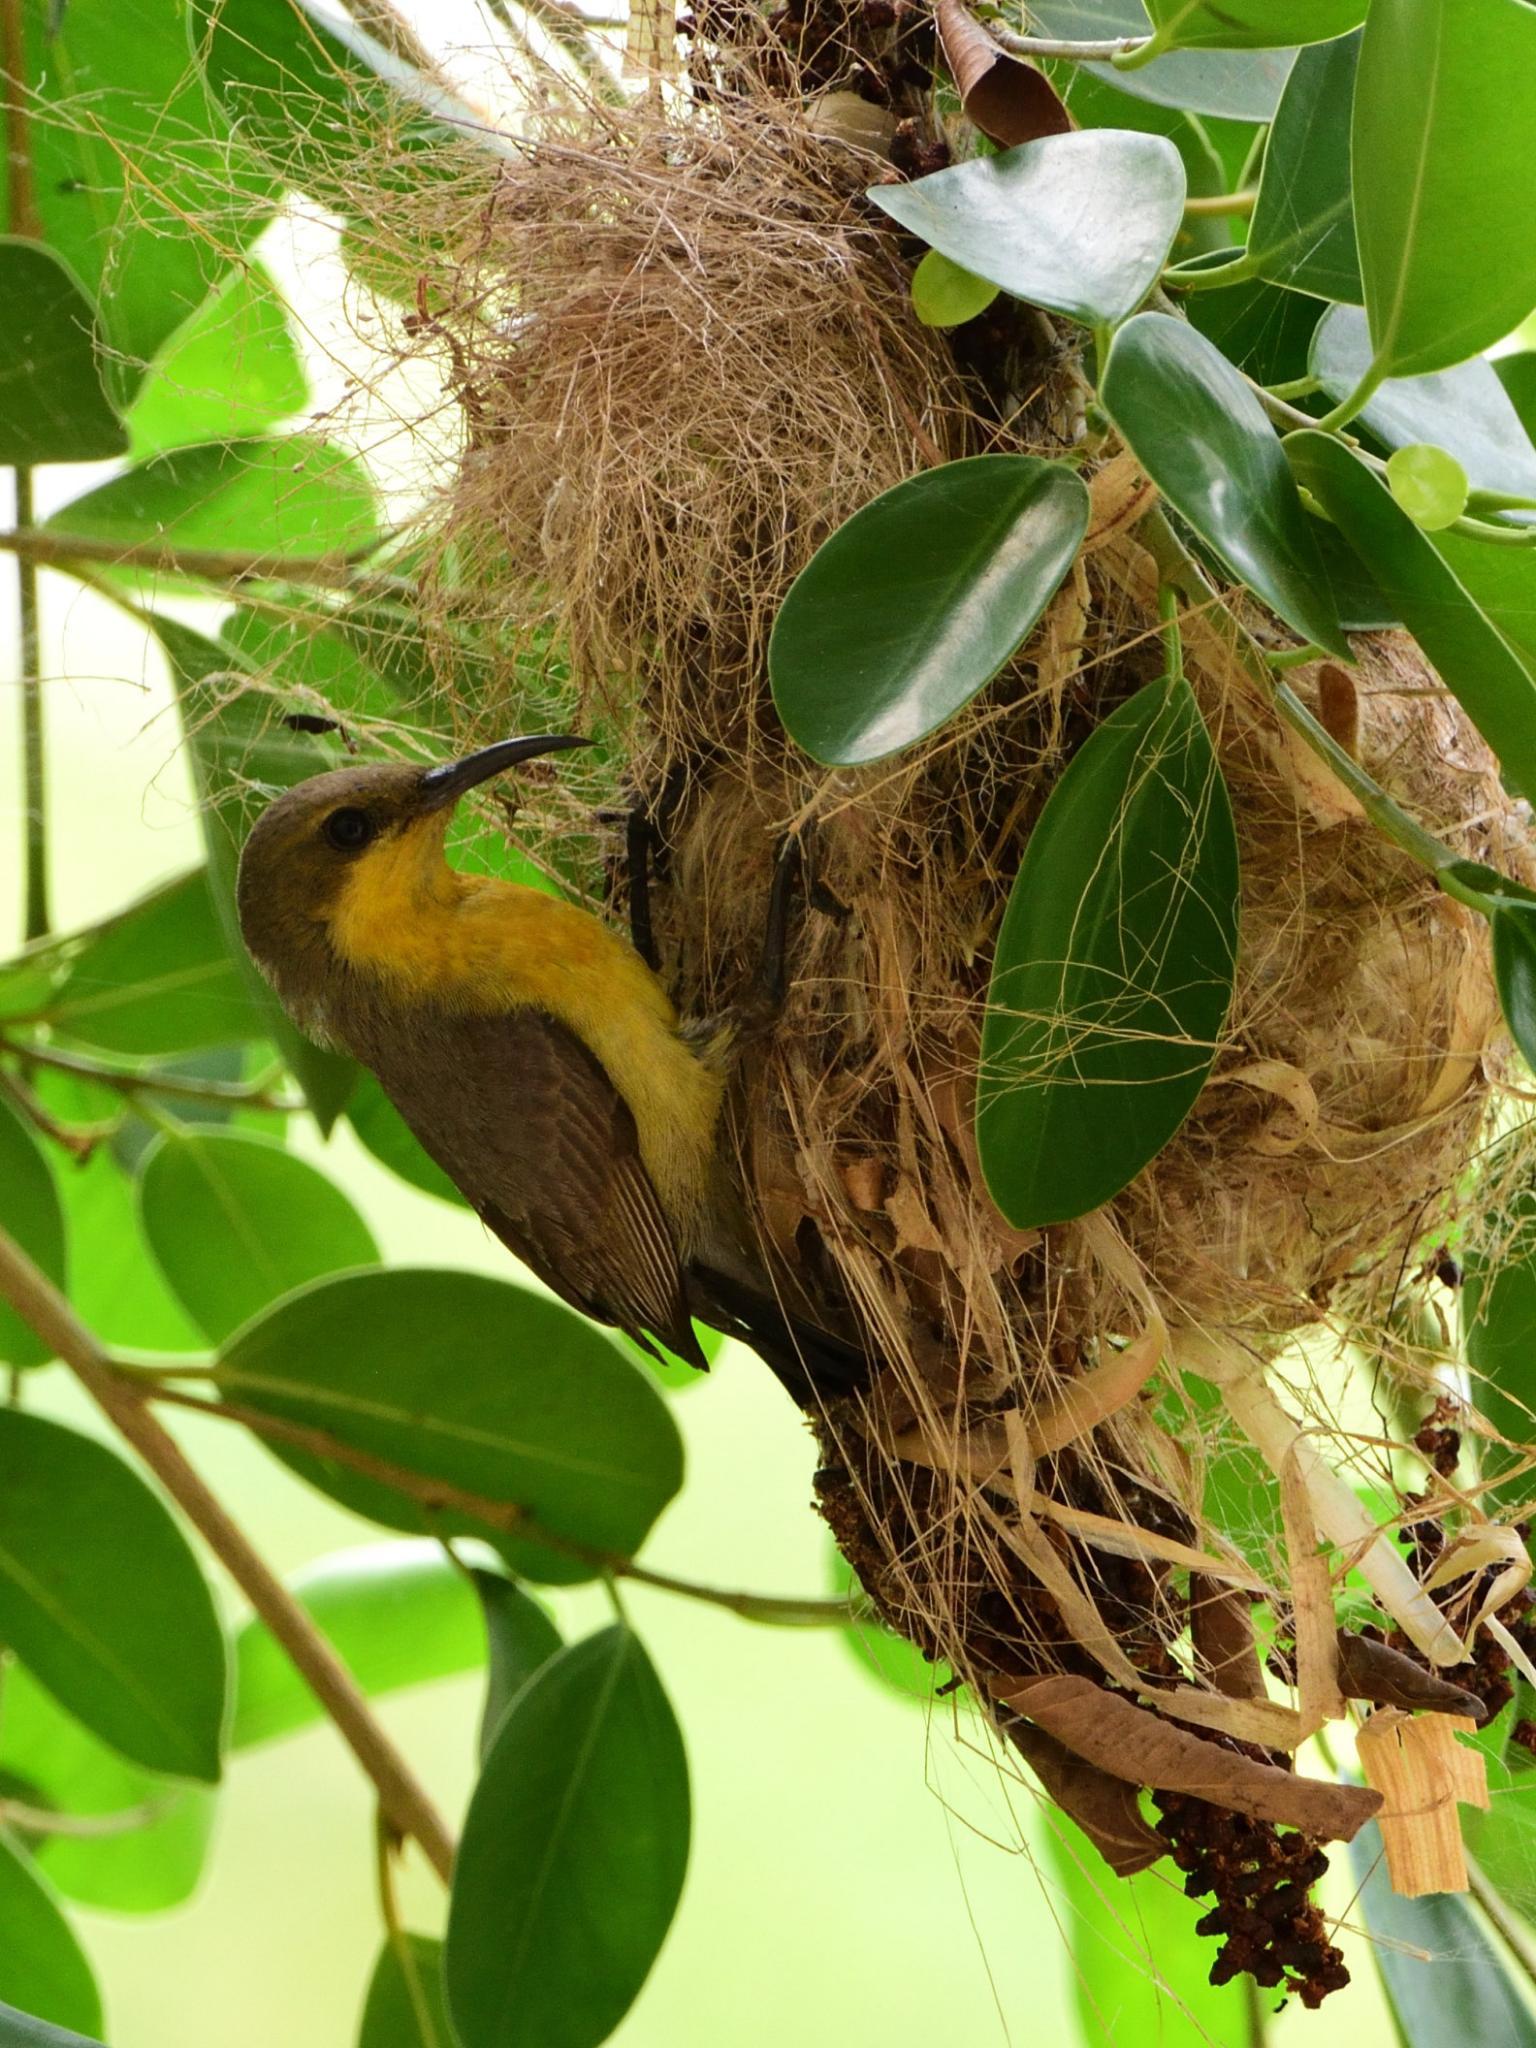 Thailand bird photos-jrh_1002_00002-jpg